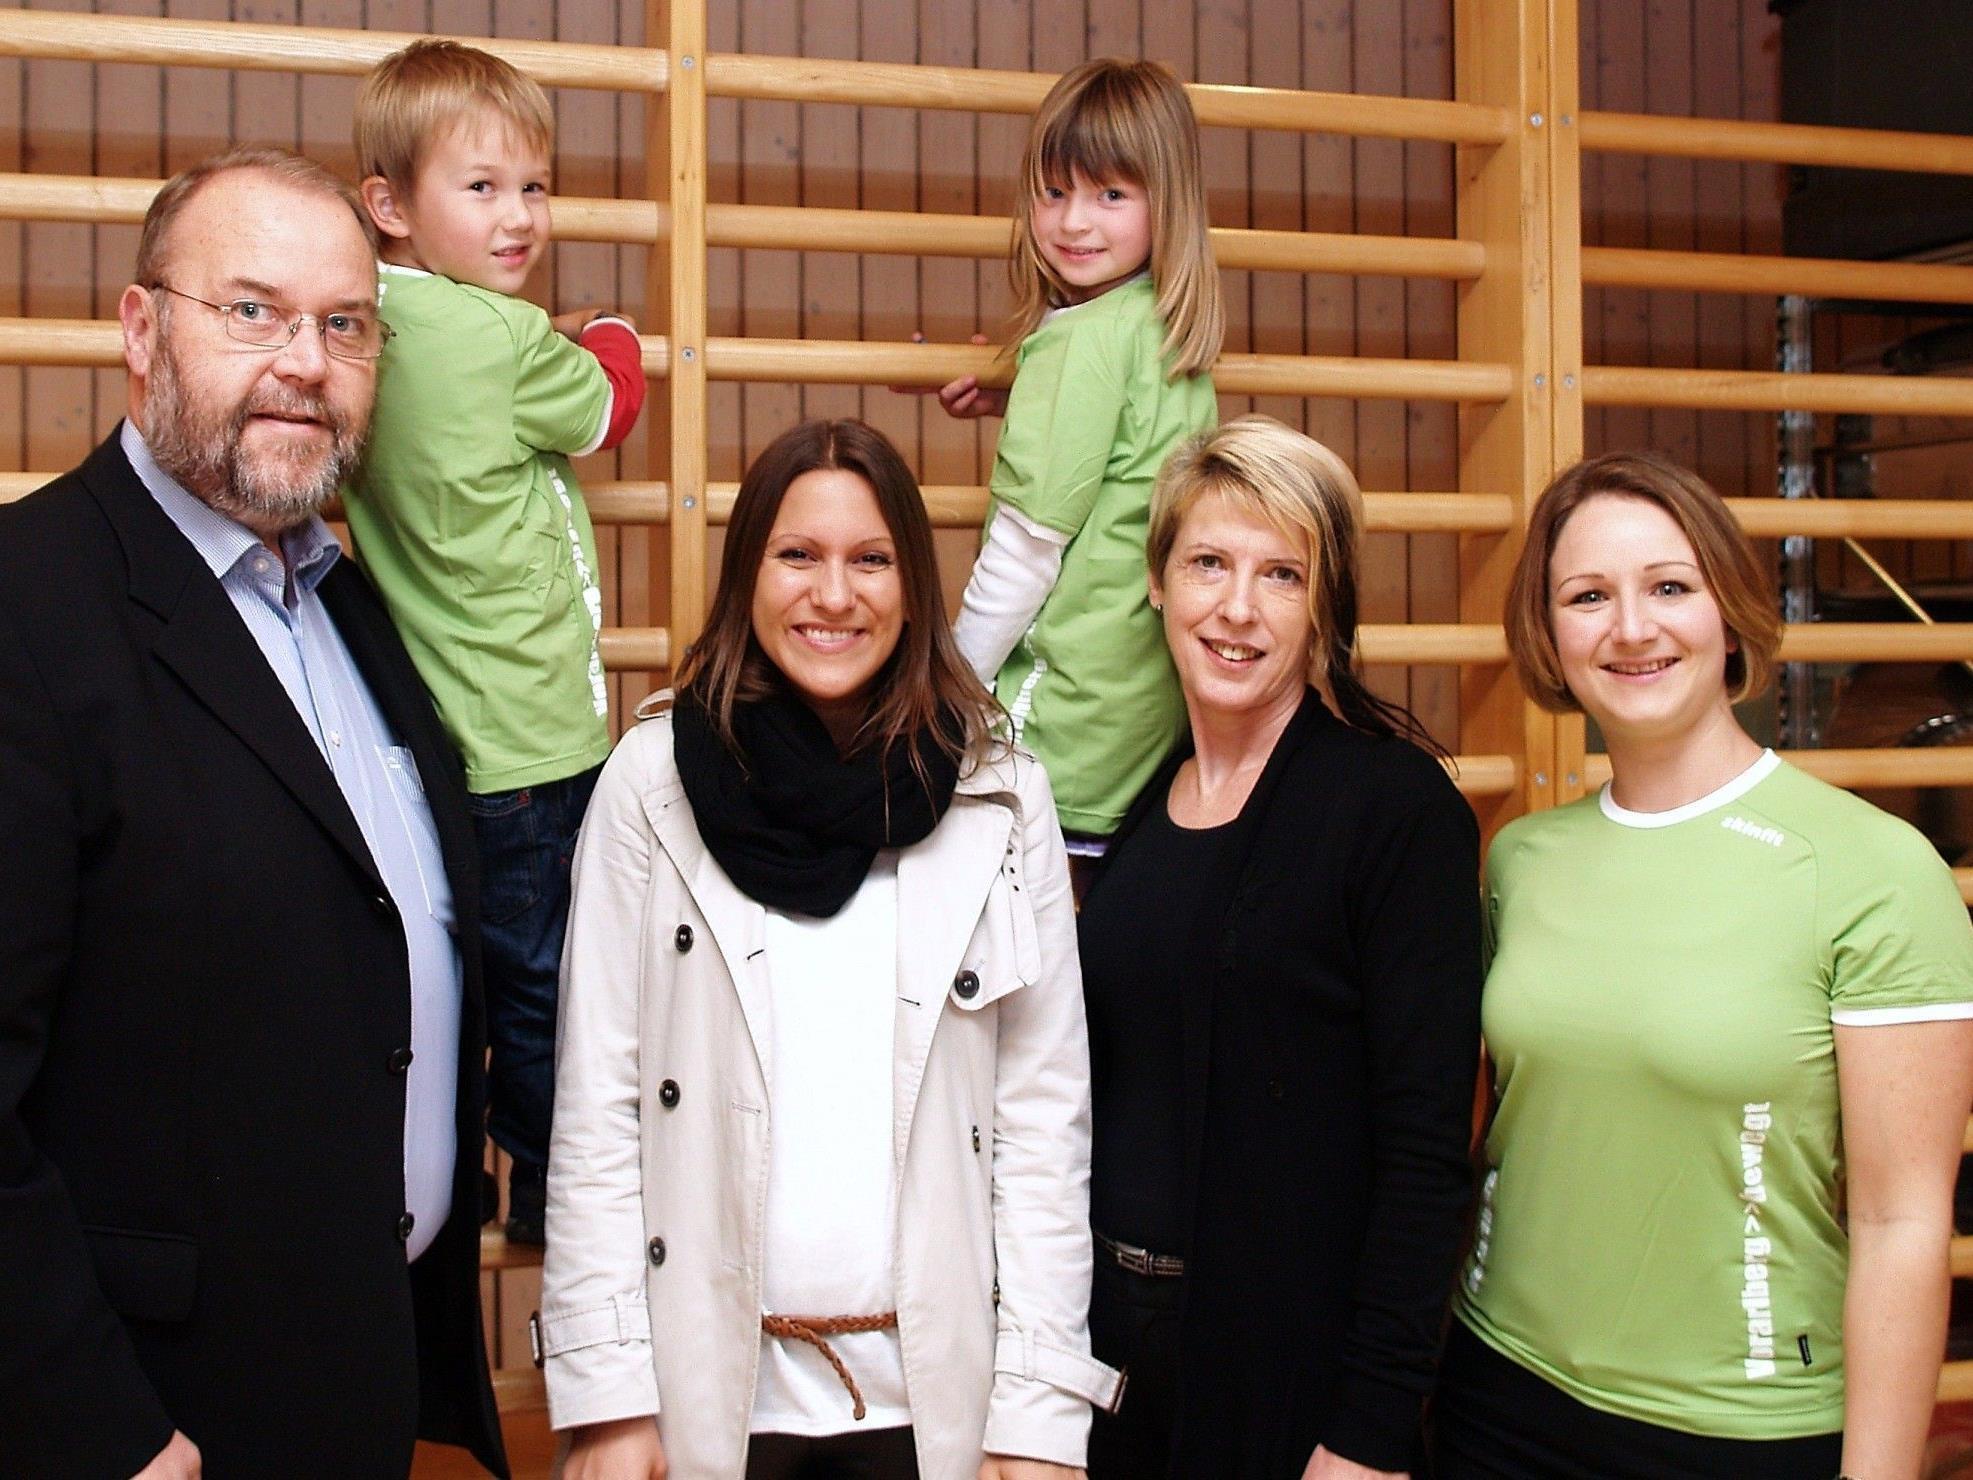 Kindergartenleiterin Martina Böckle mit Bürgermeister Werner Müller, Margot Thoma, Birgit Rothstein, sowie Theo und Jasmin